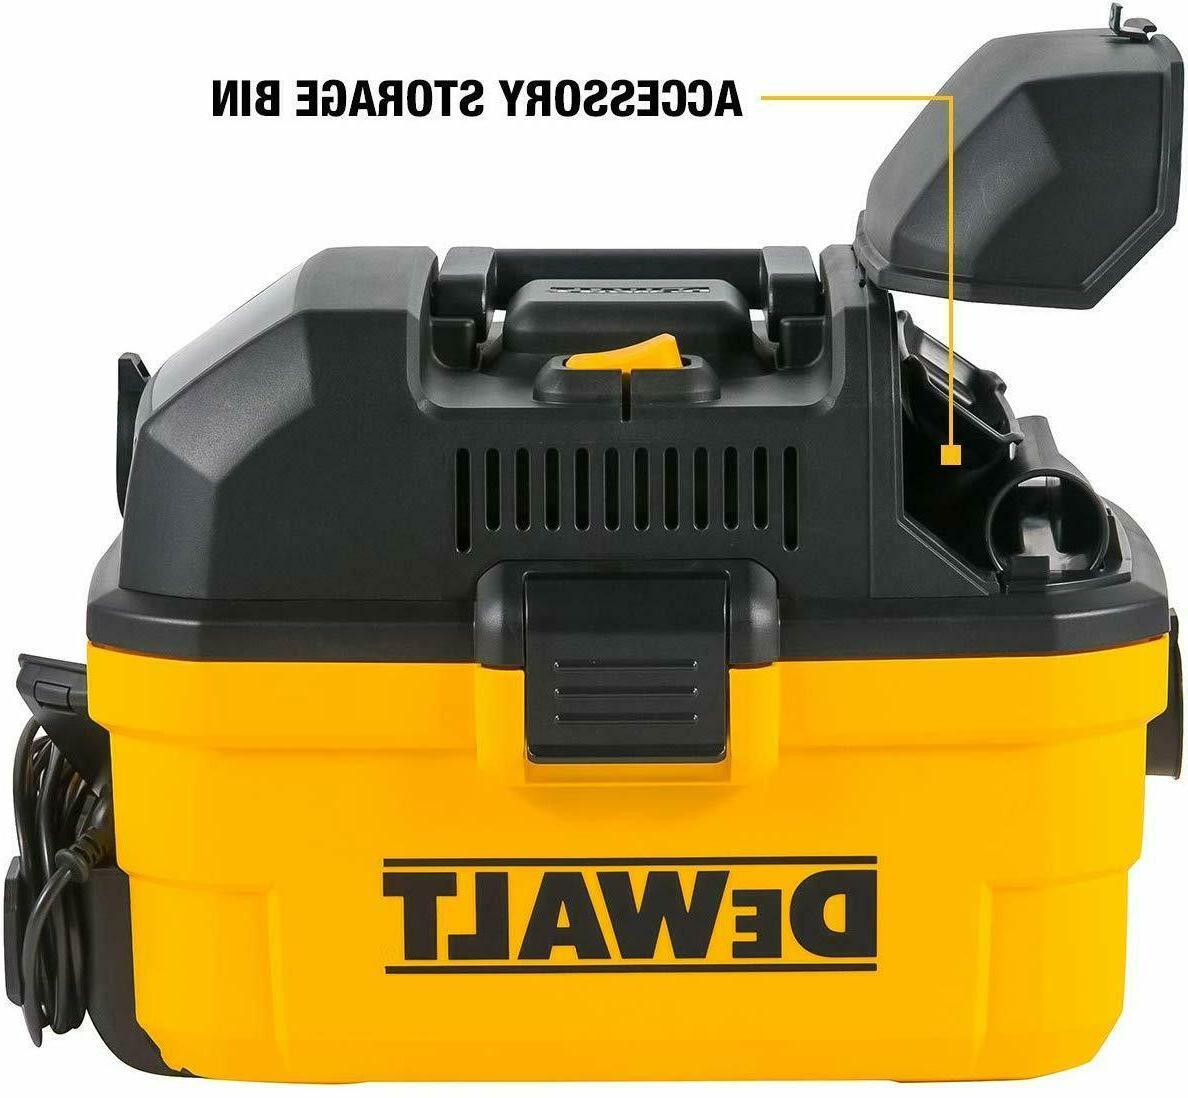 DEWALT Shop Vacuum Portability Is